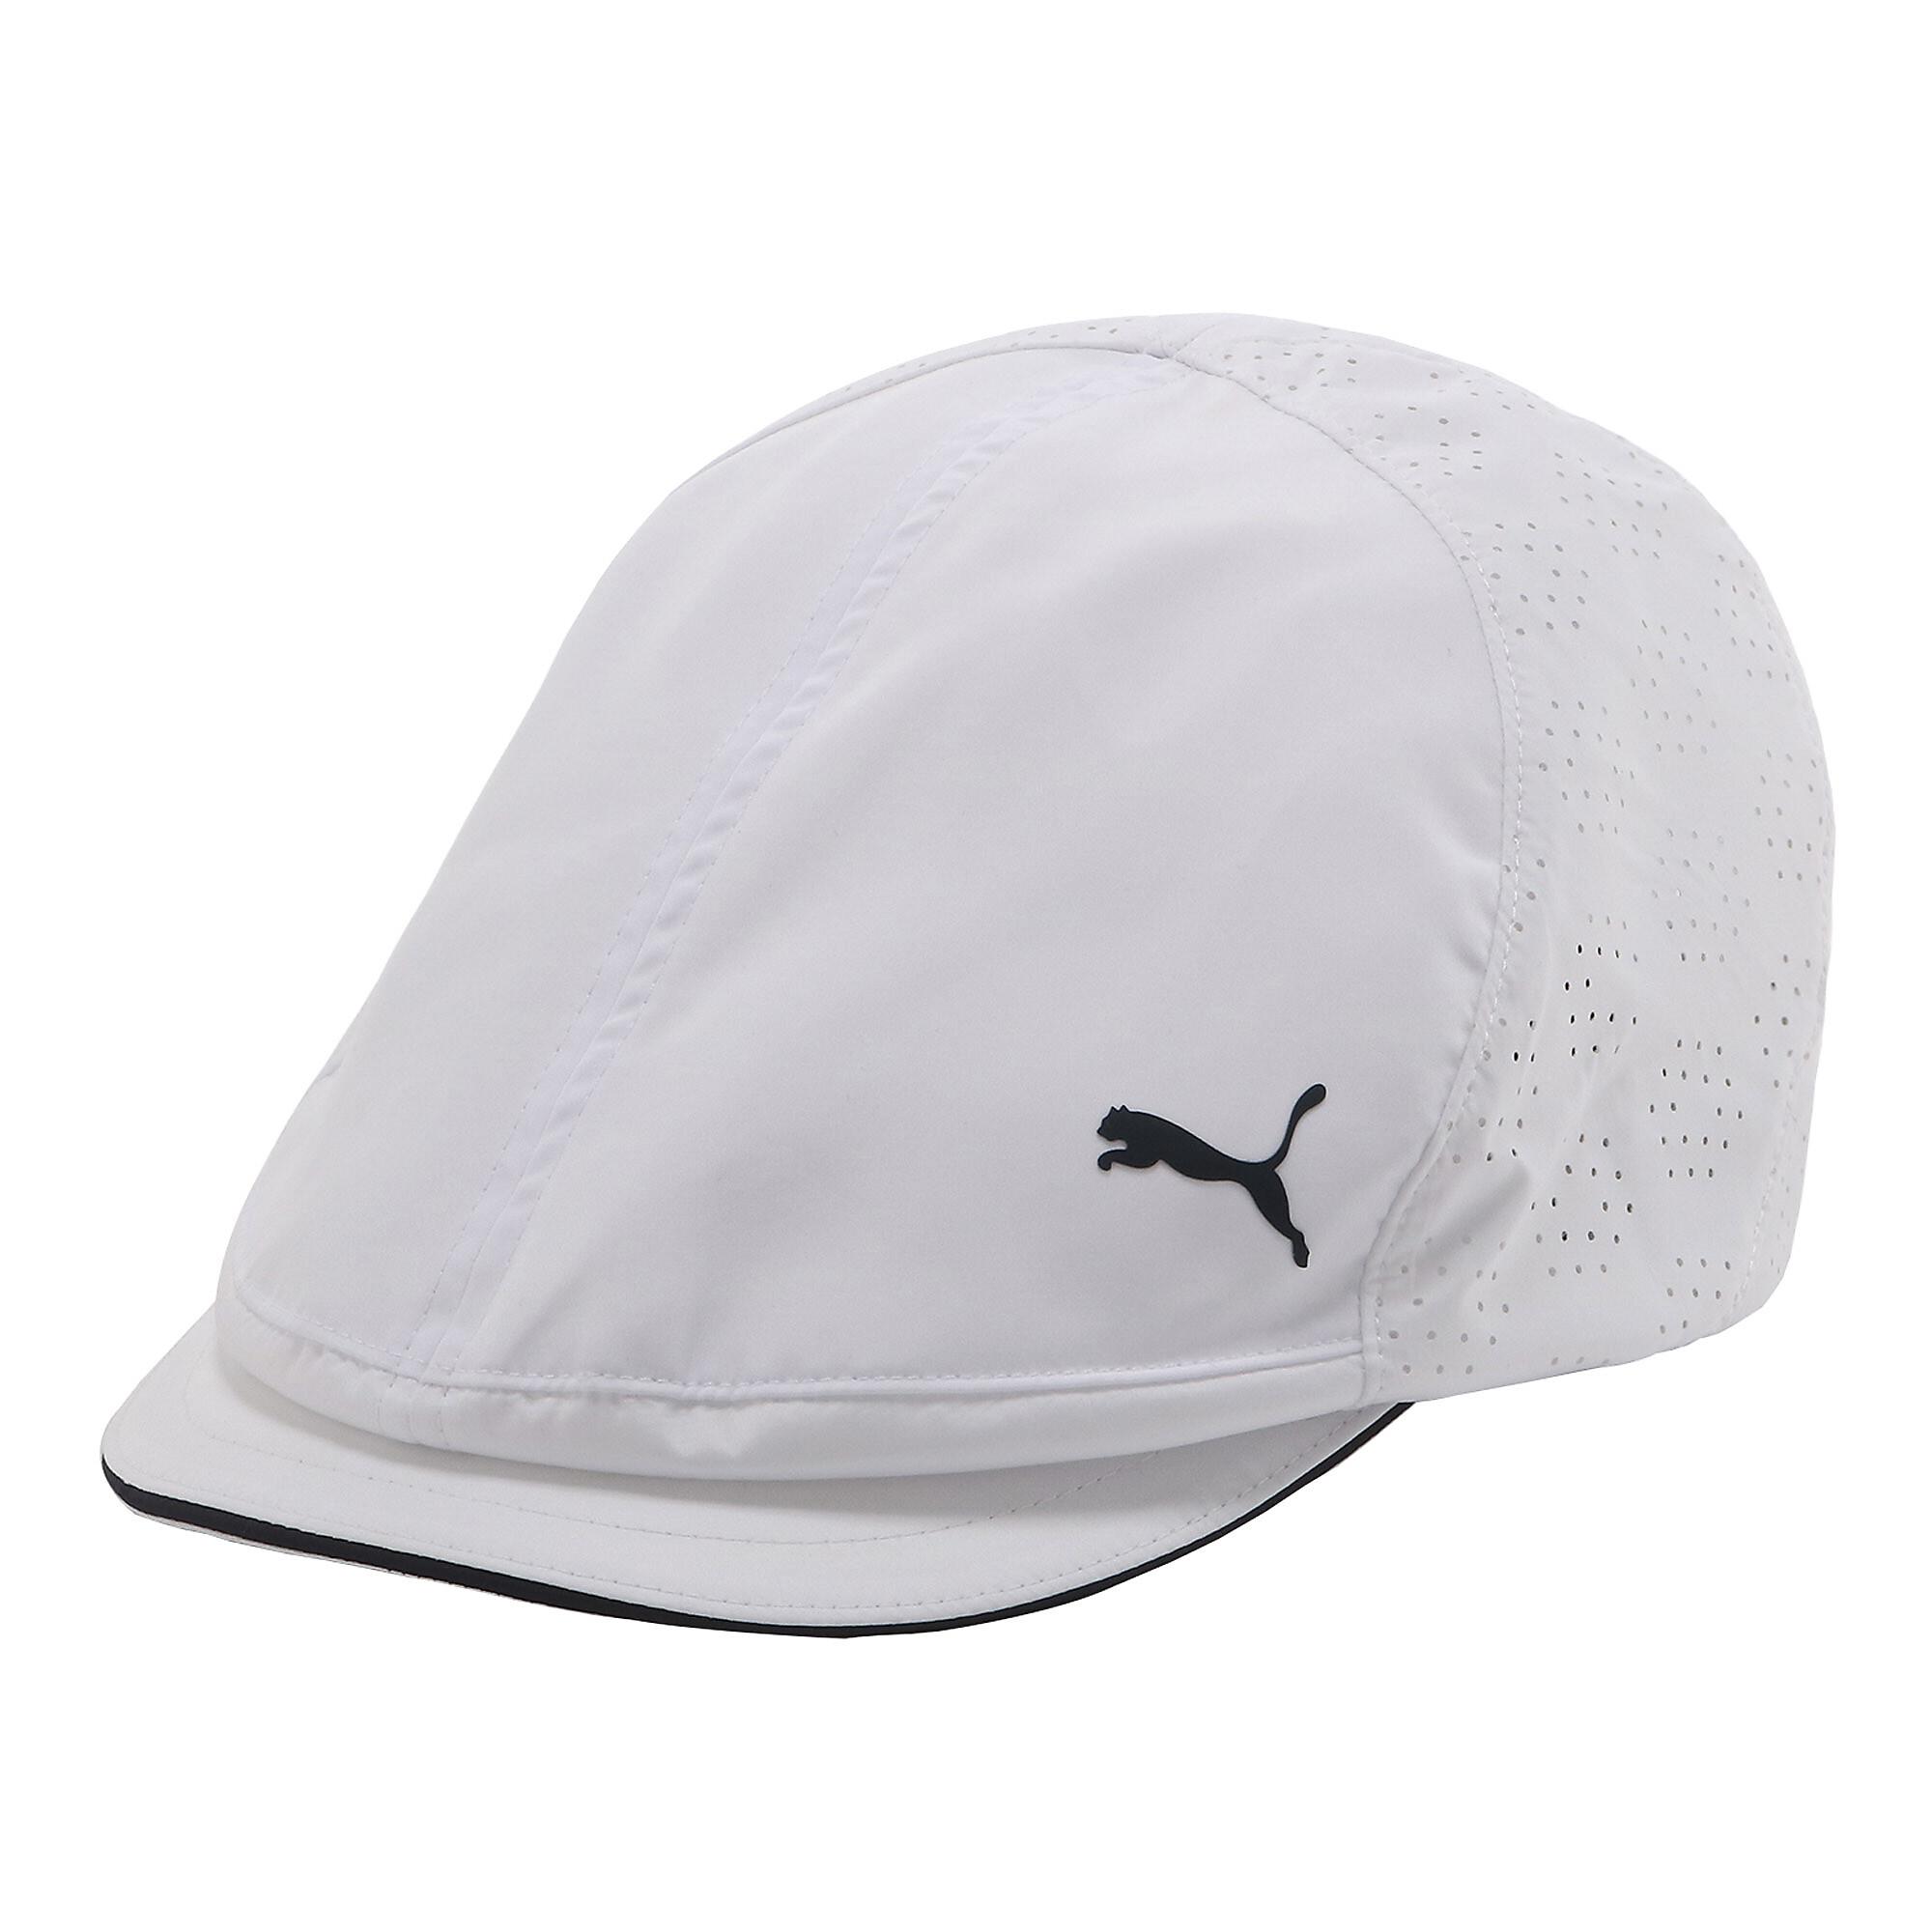 【プーマ公式通販】 プーマ ゴルフ パンチング ハンチング メンズ Bright White |PUMA.com